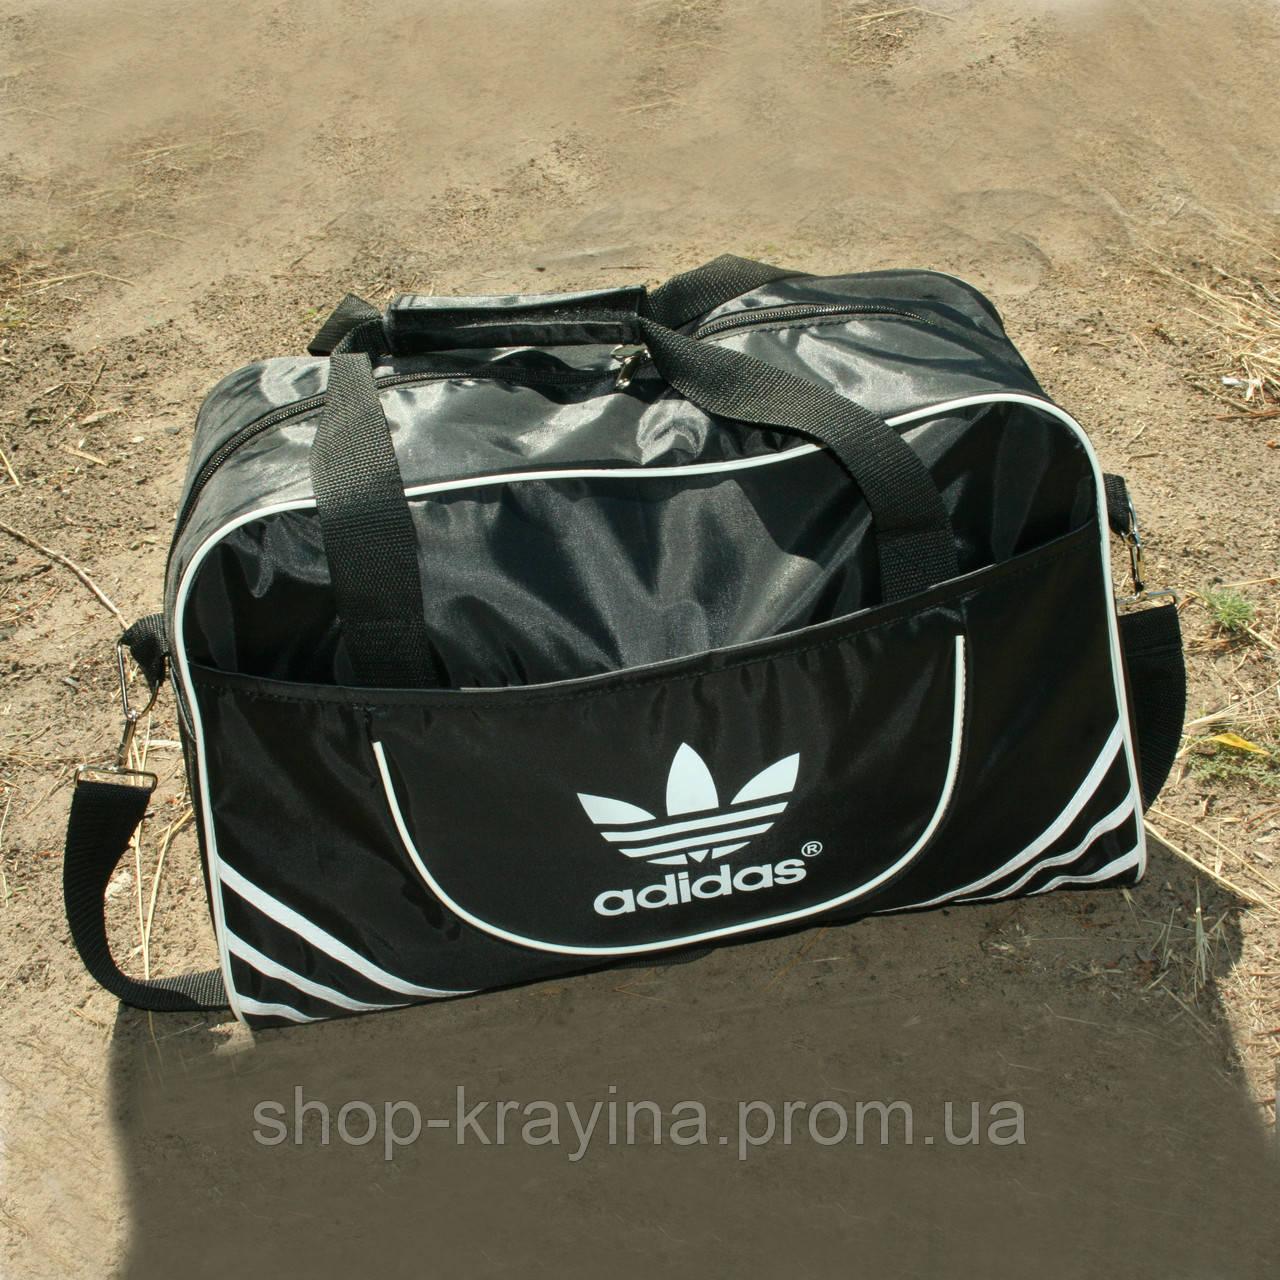 Сумка дорожня Adidas репліка, 30х46х18 см, черн